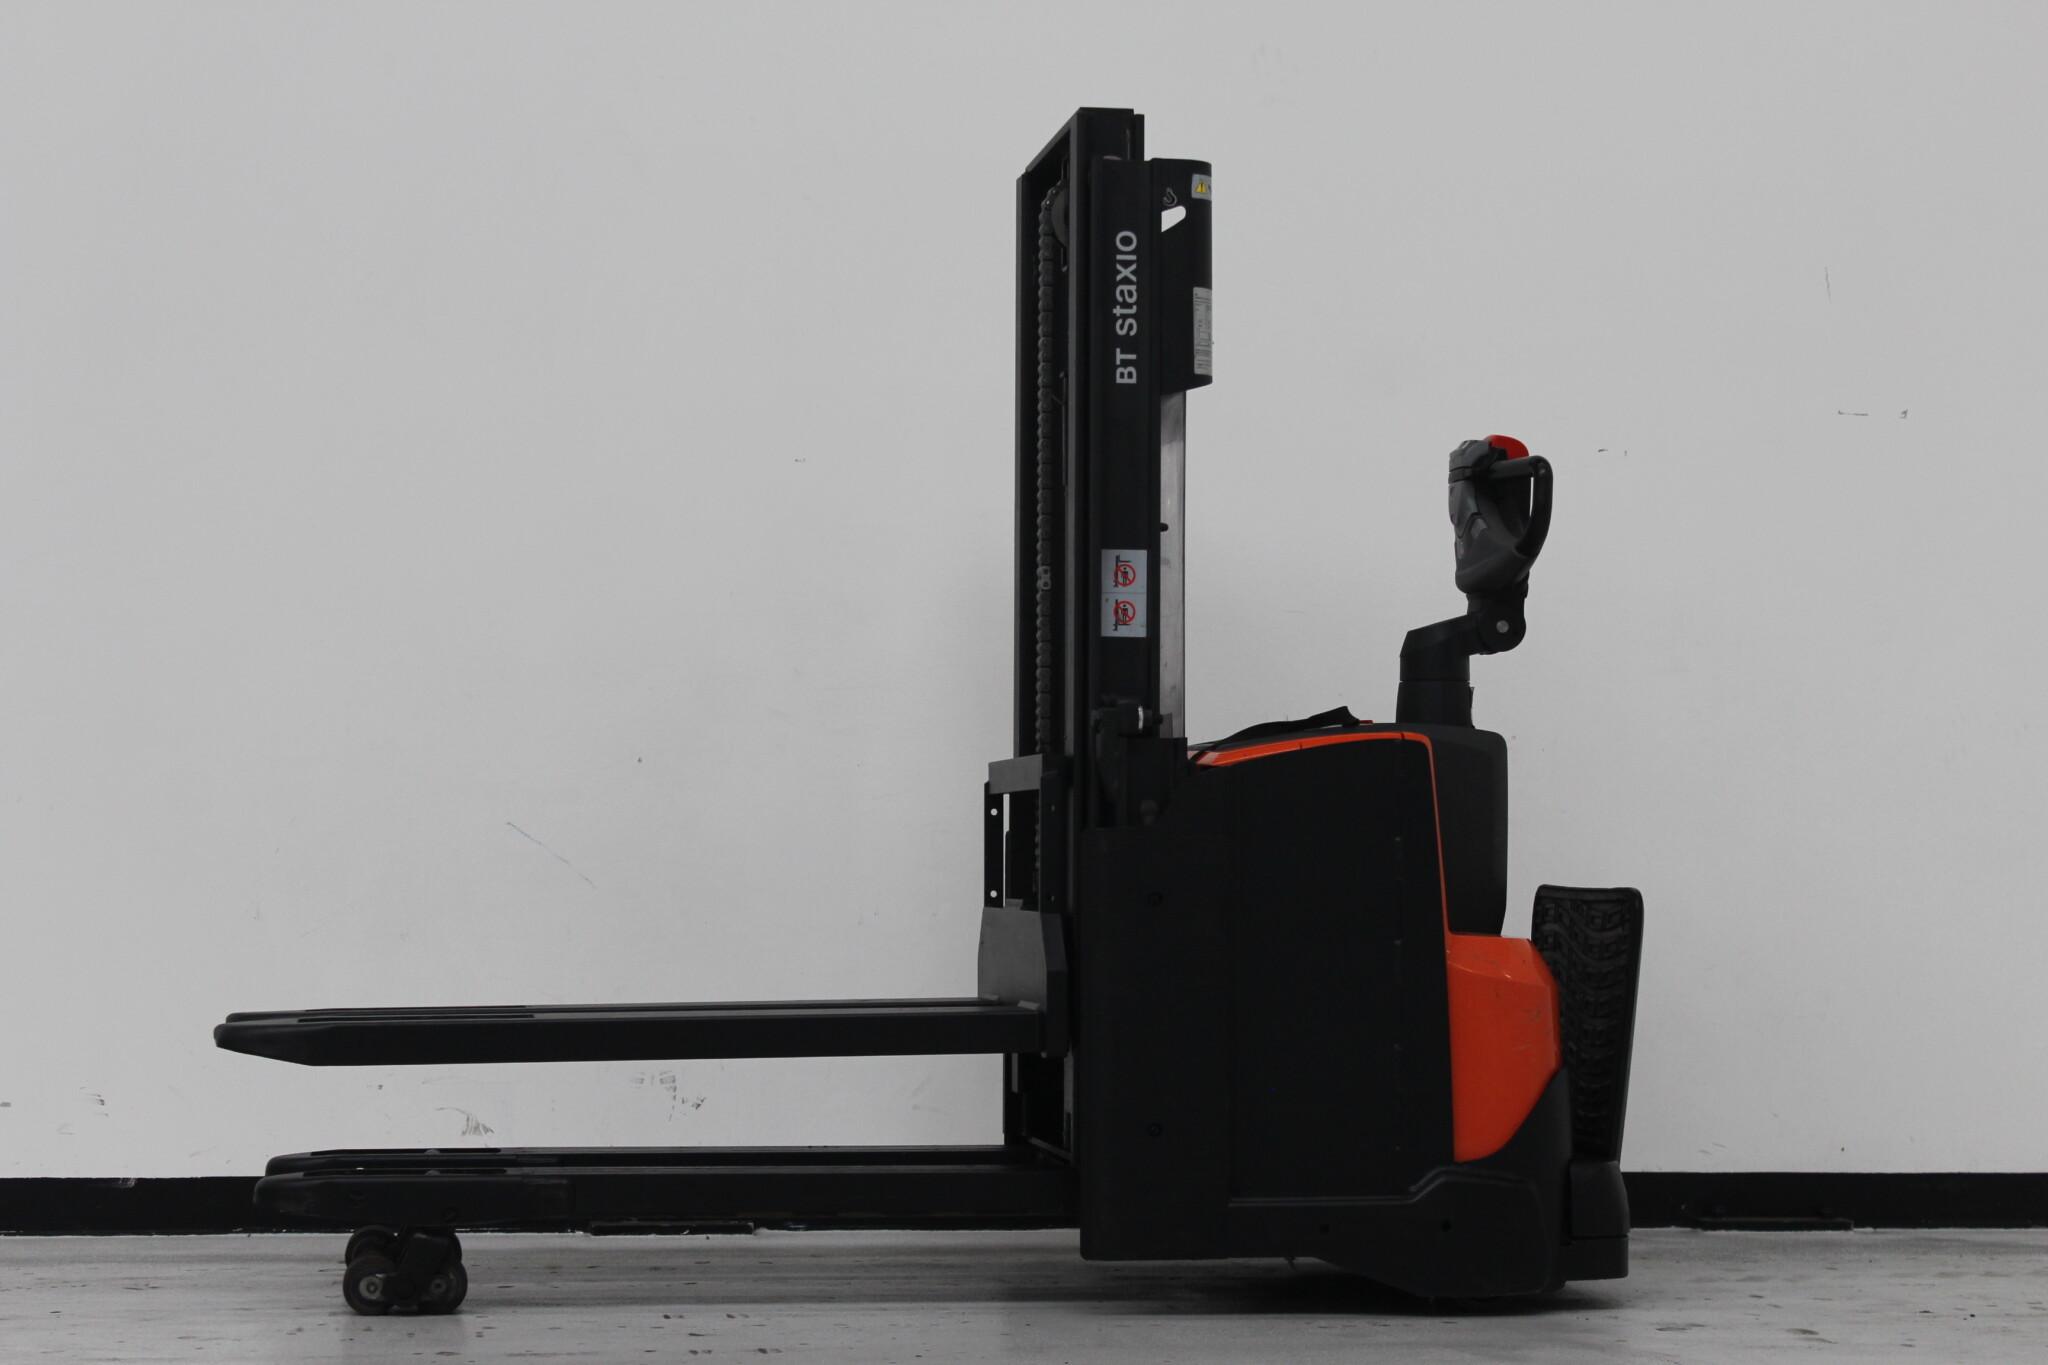 Toyota-Gabelstapler-59840 1512030858 1 scaled